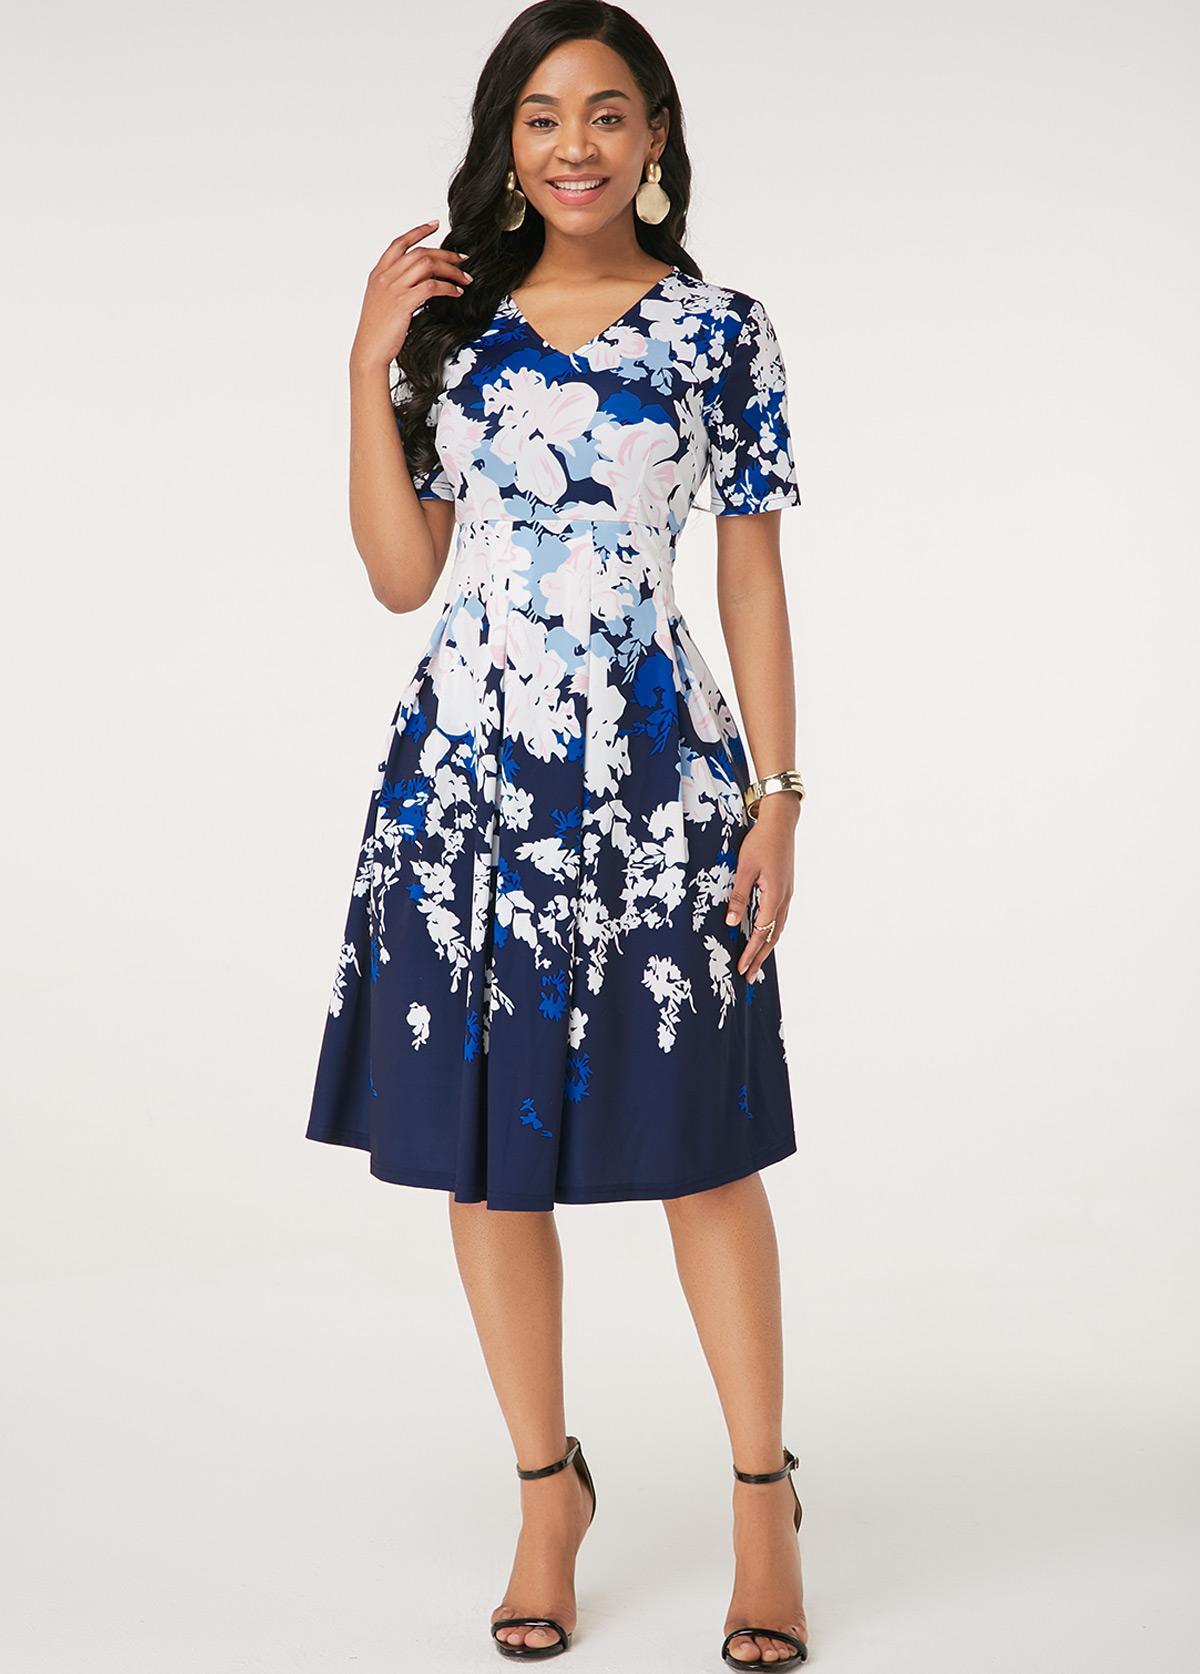 Short Sleeve Floral Print V Neck Dress